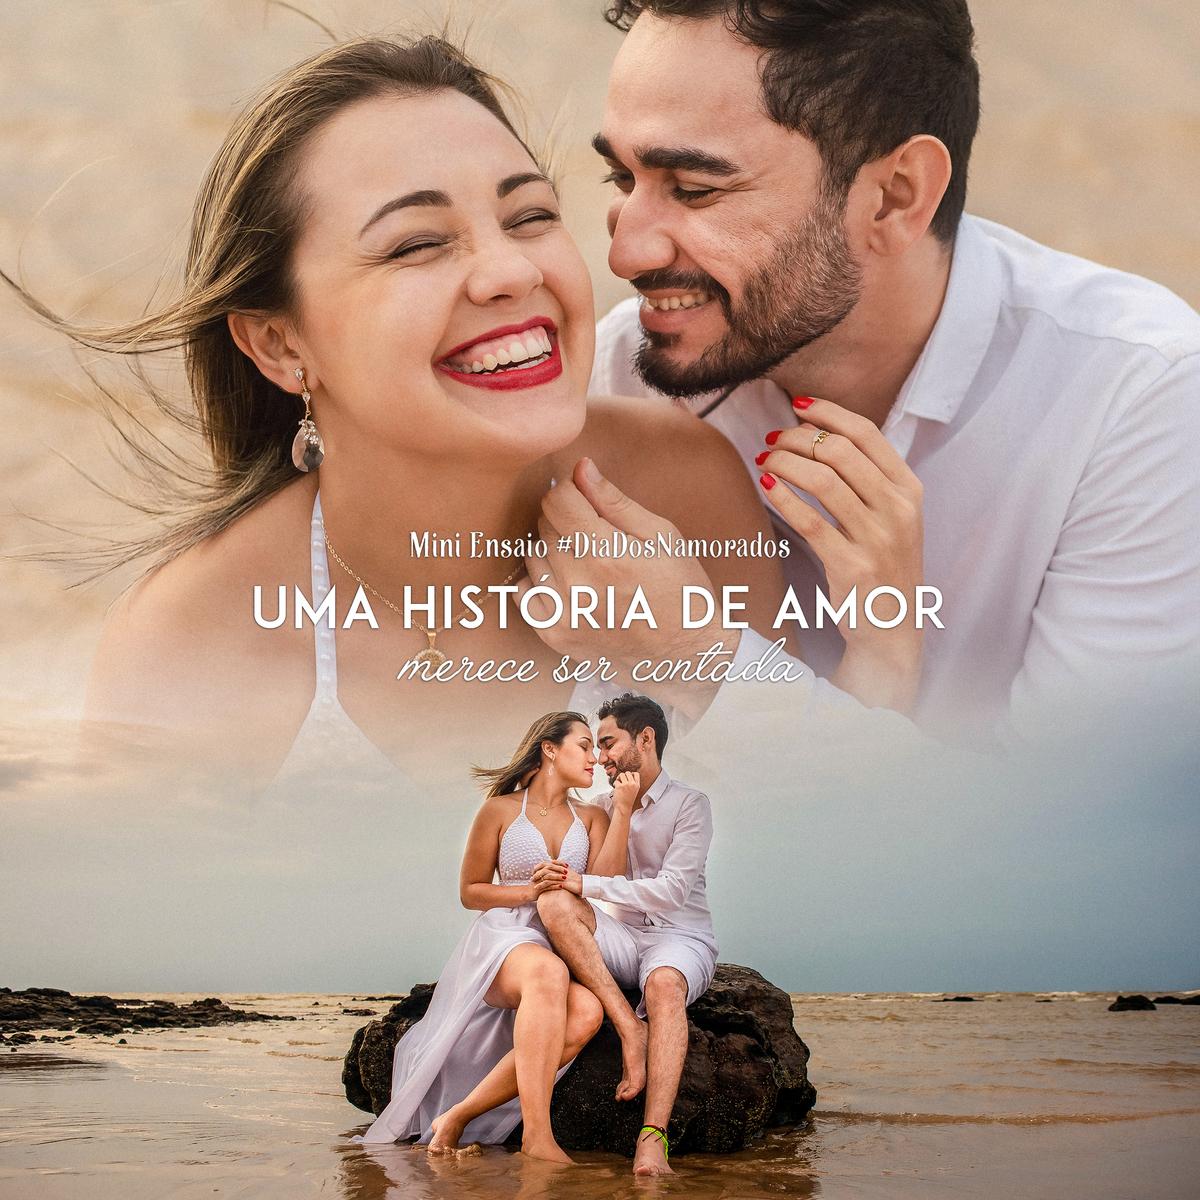 Imagem capa - Mini Ensaio Dia dos Namorados por Jefferson Cardoso